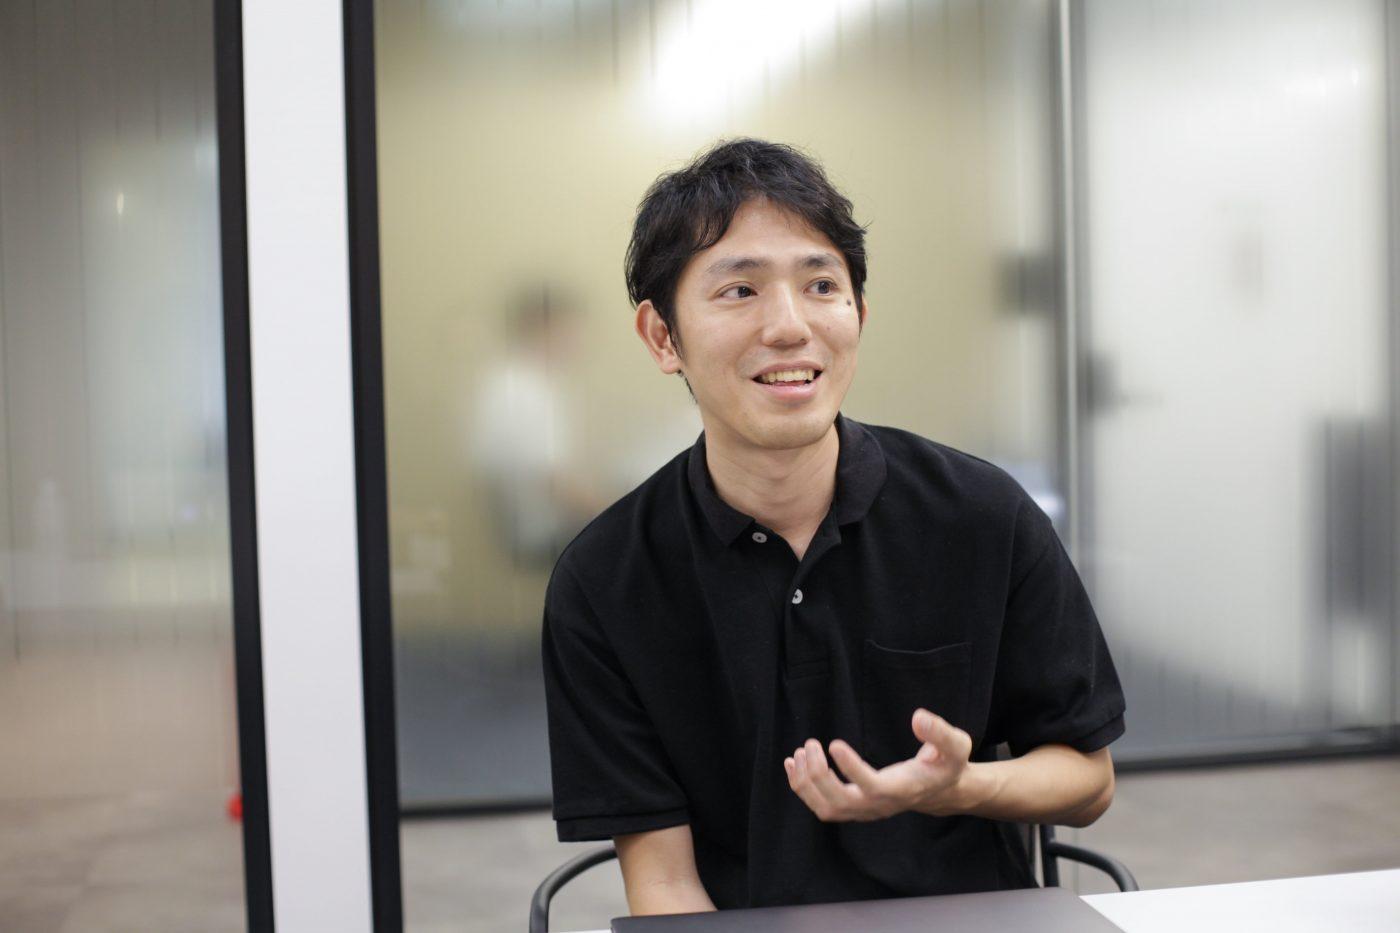 2016年9月のグリー退職後、2017年11月のメルペイ代表就任までの約1年間、青柳氏は表舞台から姿を消している。家族との穏やかな時間を過ごすいっぽうで、エンジェル投資家として企業のサポートに回った。ところが、抱いたのは「もっと事業に入りこみたい」という想いだった。